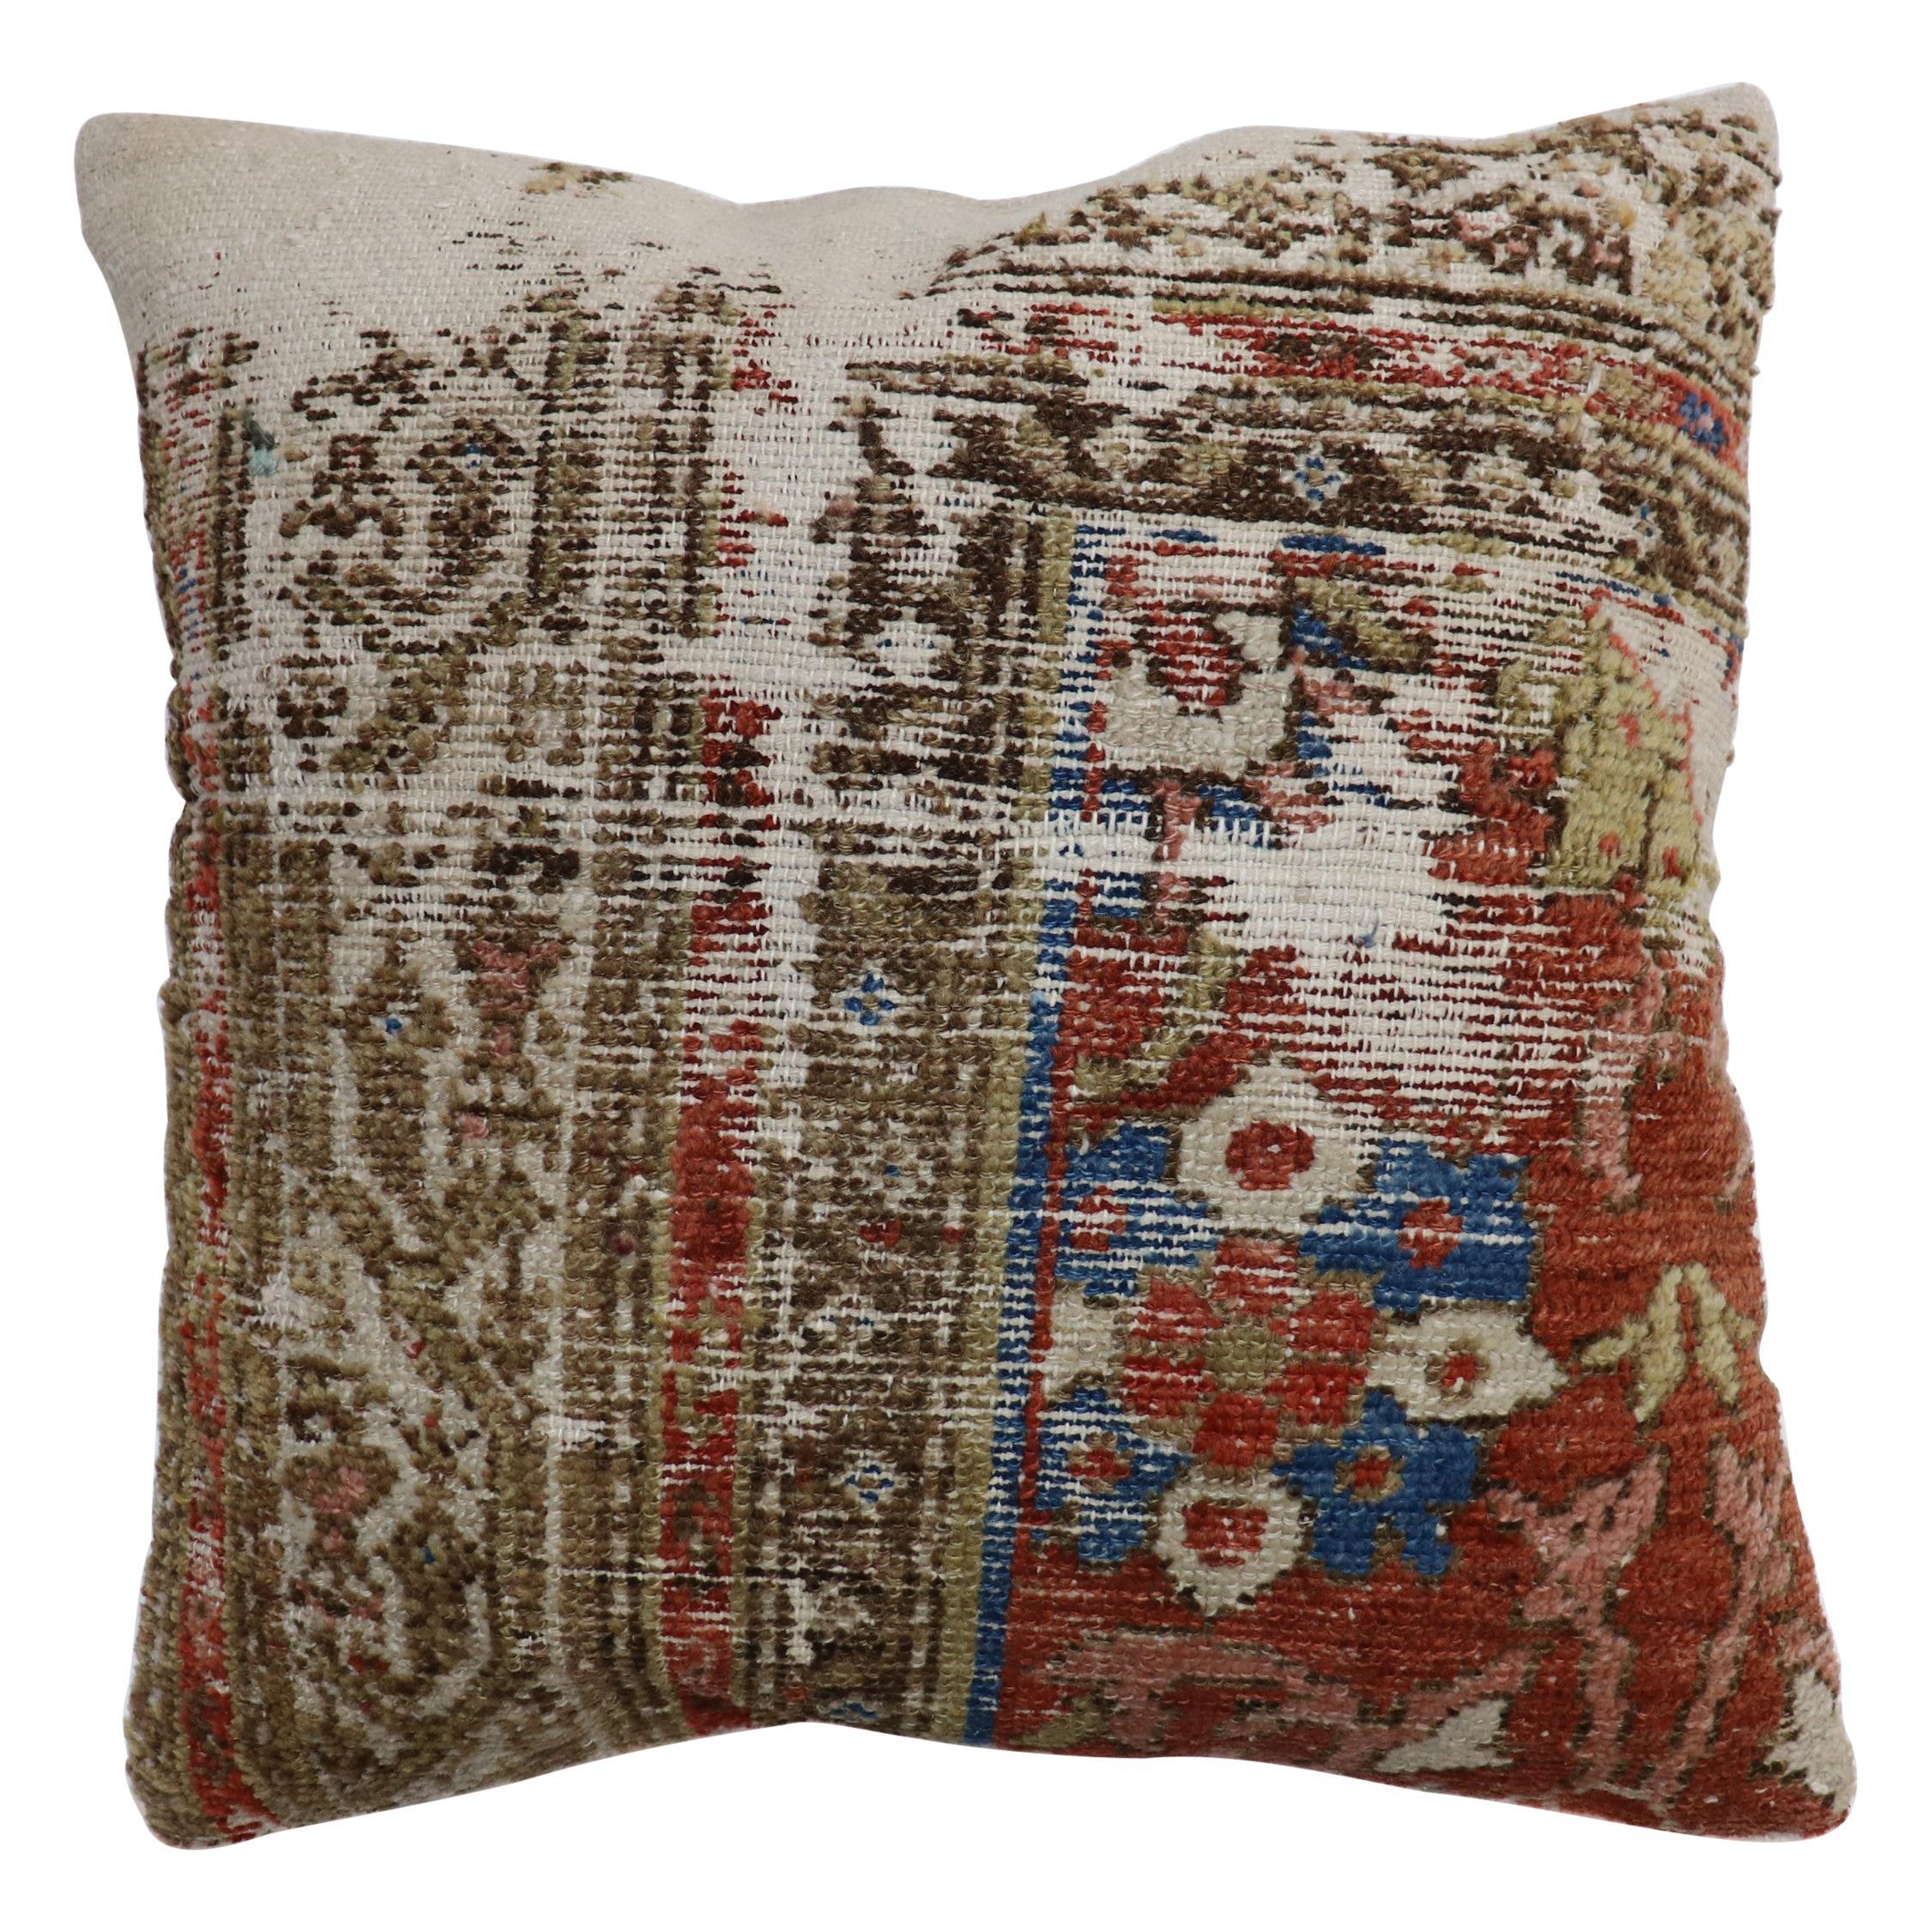 Worn Persian Rug Pillow